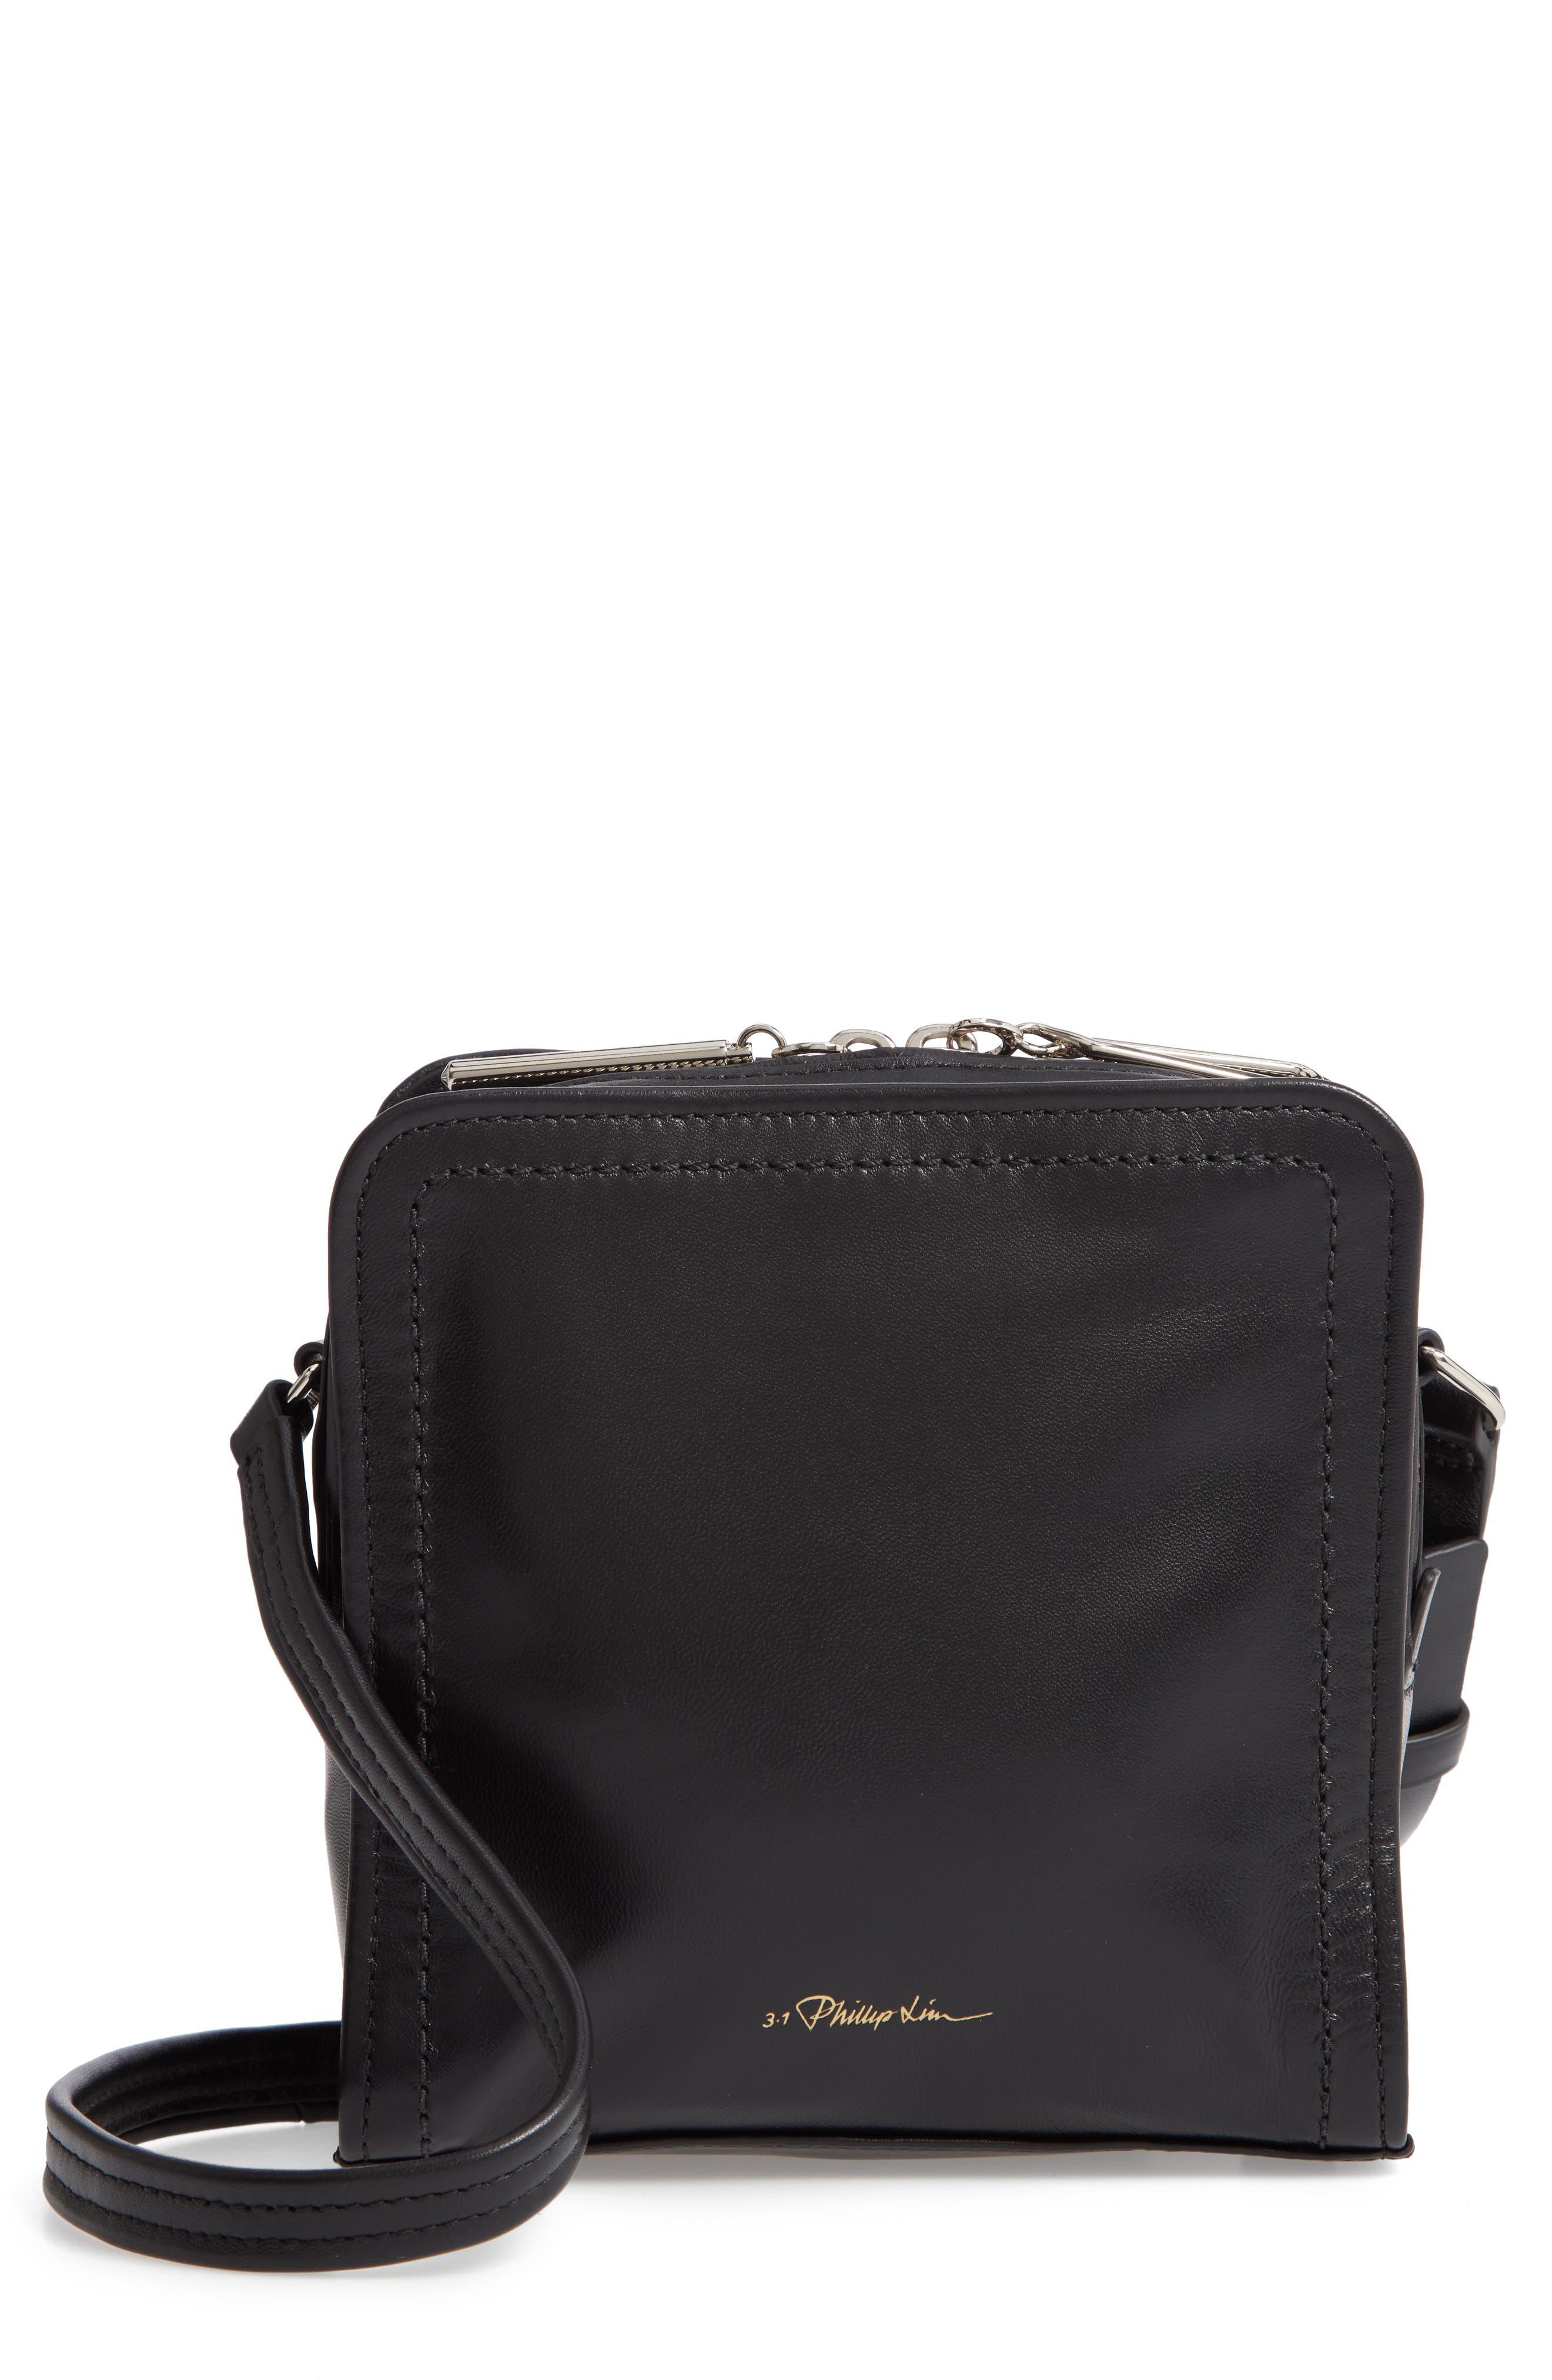 Hudson Mini Square Leather Crossbody Bag,                             Main thumbnail 1, color,                             001